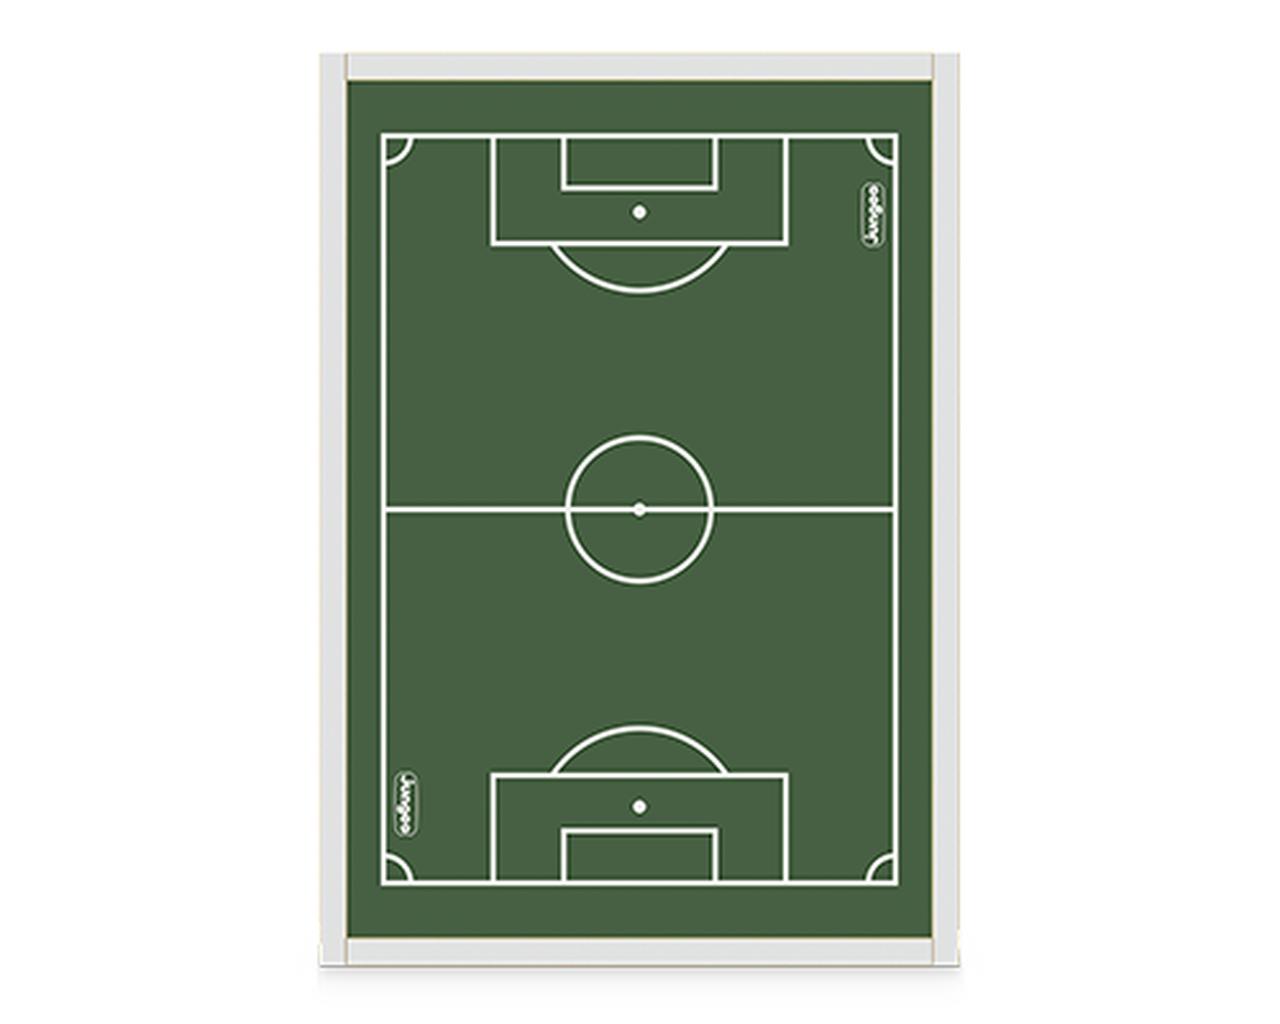 Campo de Futebol de Botão 60x90cm Junges